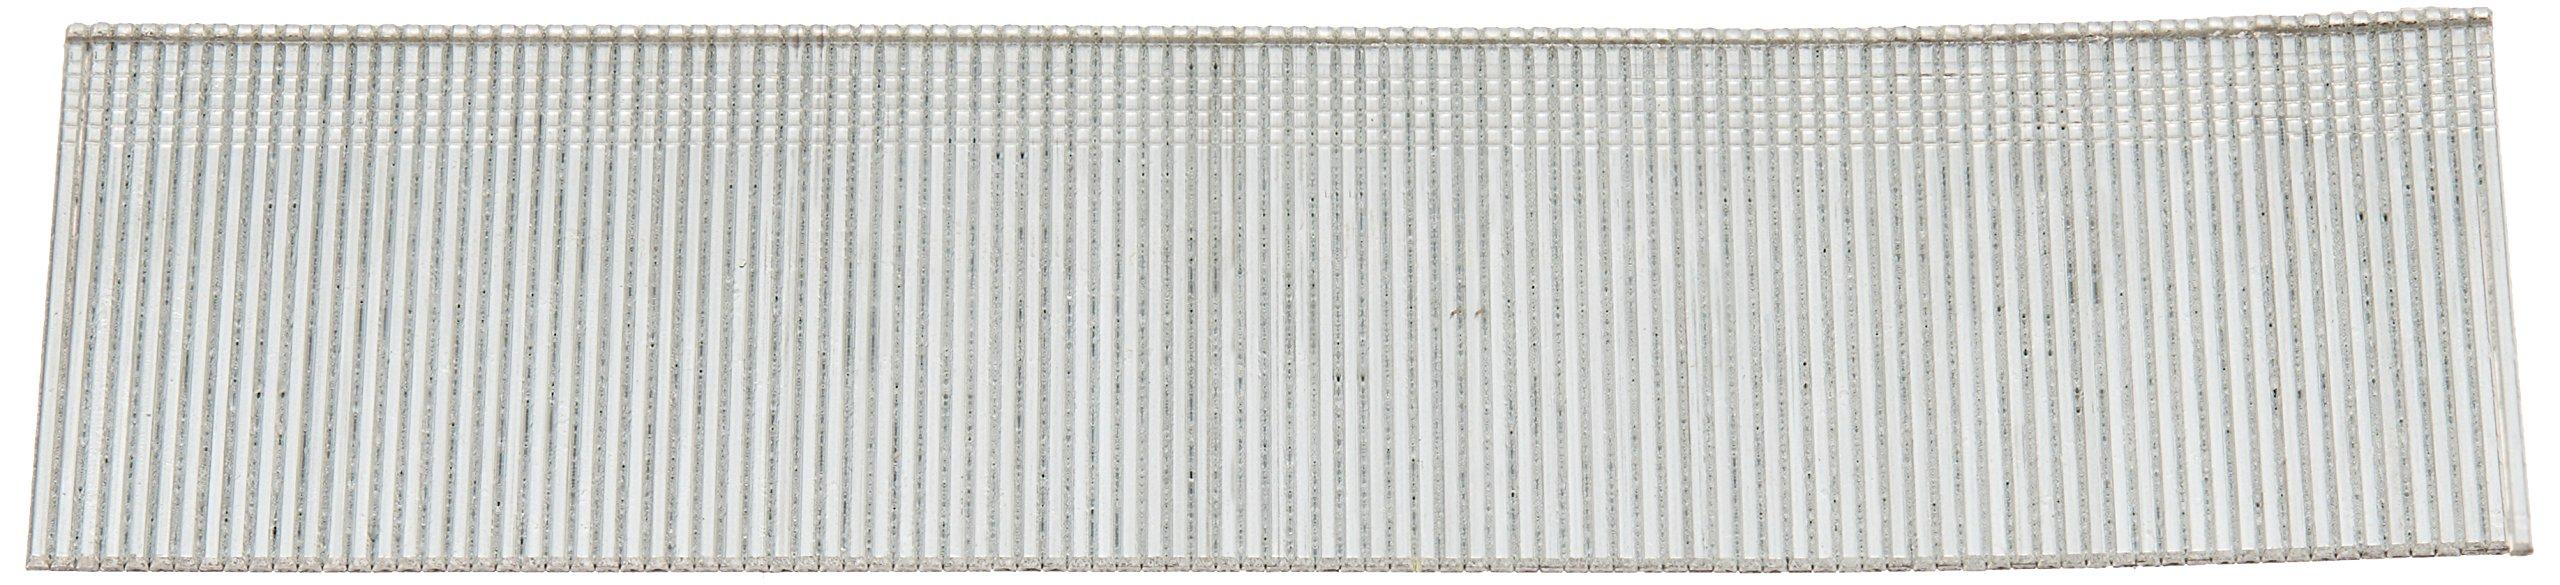 SENCO FASTENING SYSTEMS AX17EAA 5000CT 1-1/2-Inch Brad Nail